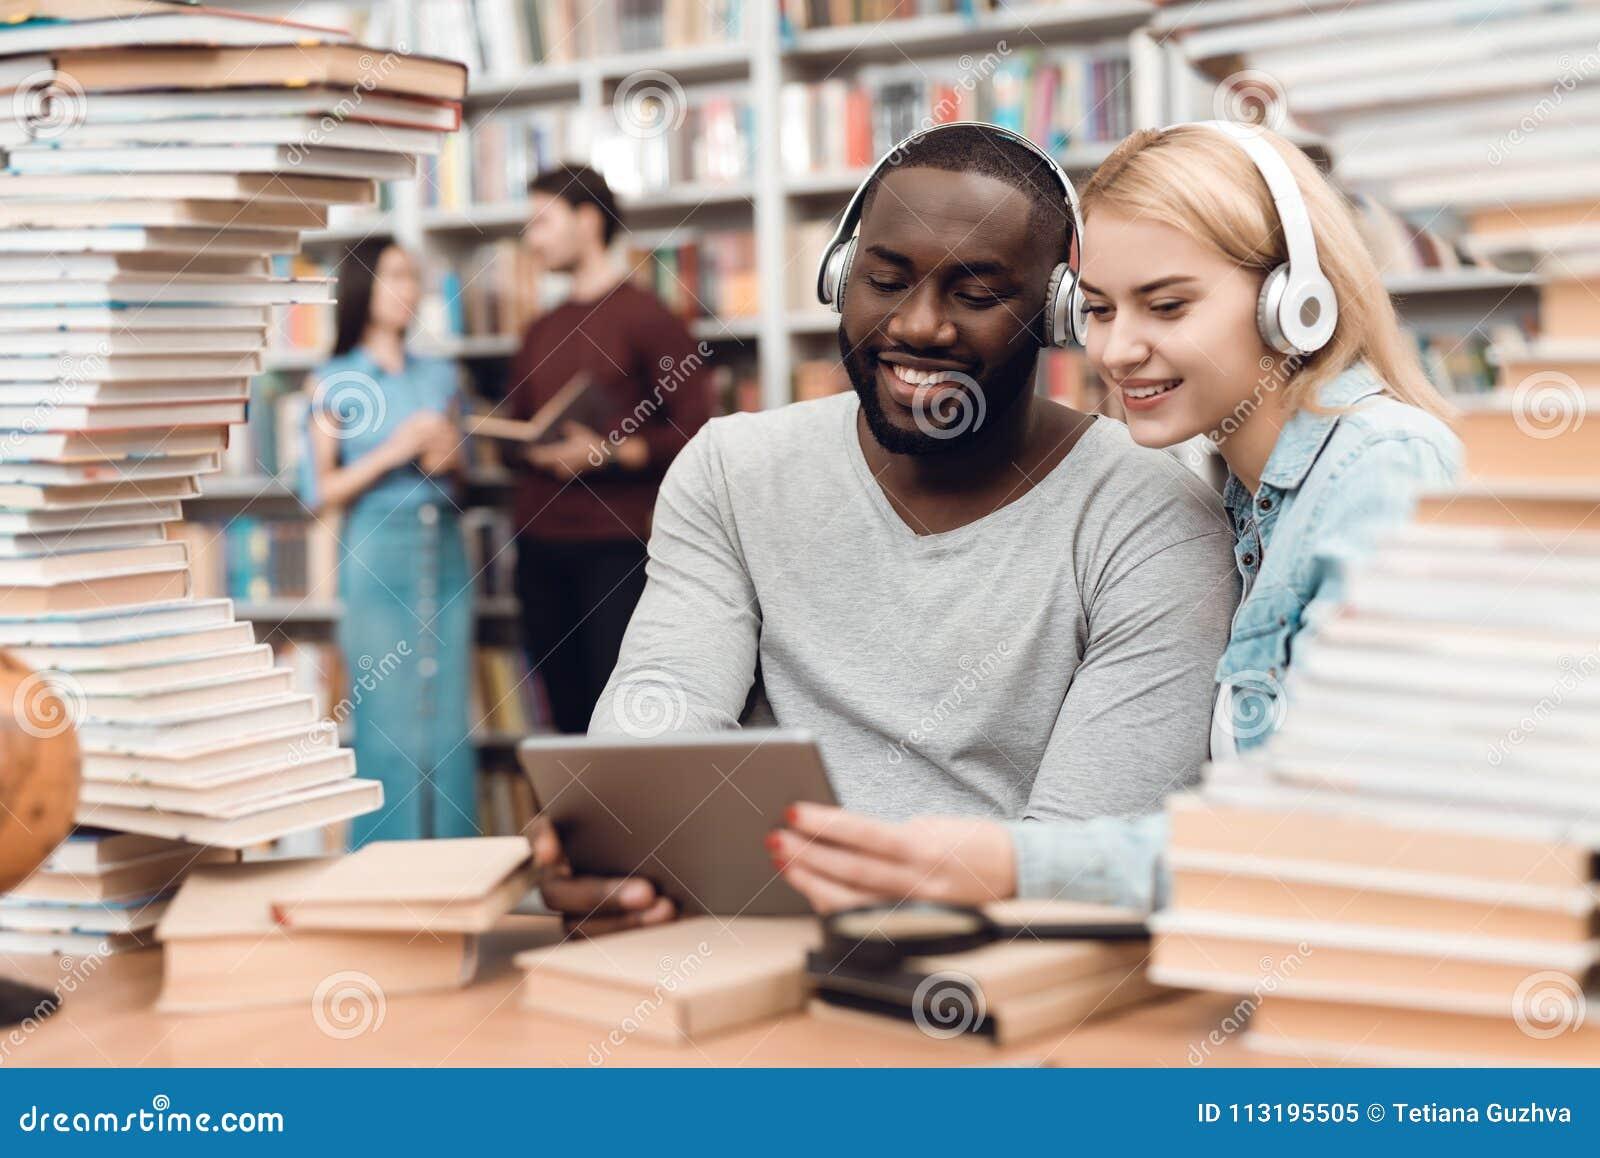 Etniczny amerykanina afrykańskiego pochodzenia facet i biała dziewczyna otaczający książkami w bibliotece Ucznie używają pastylkę